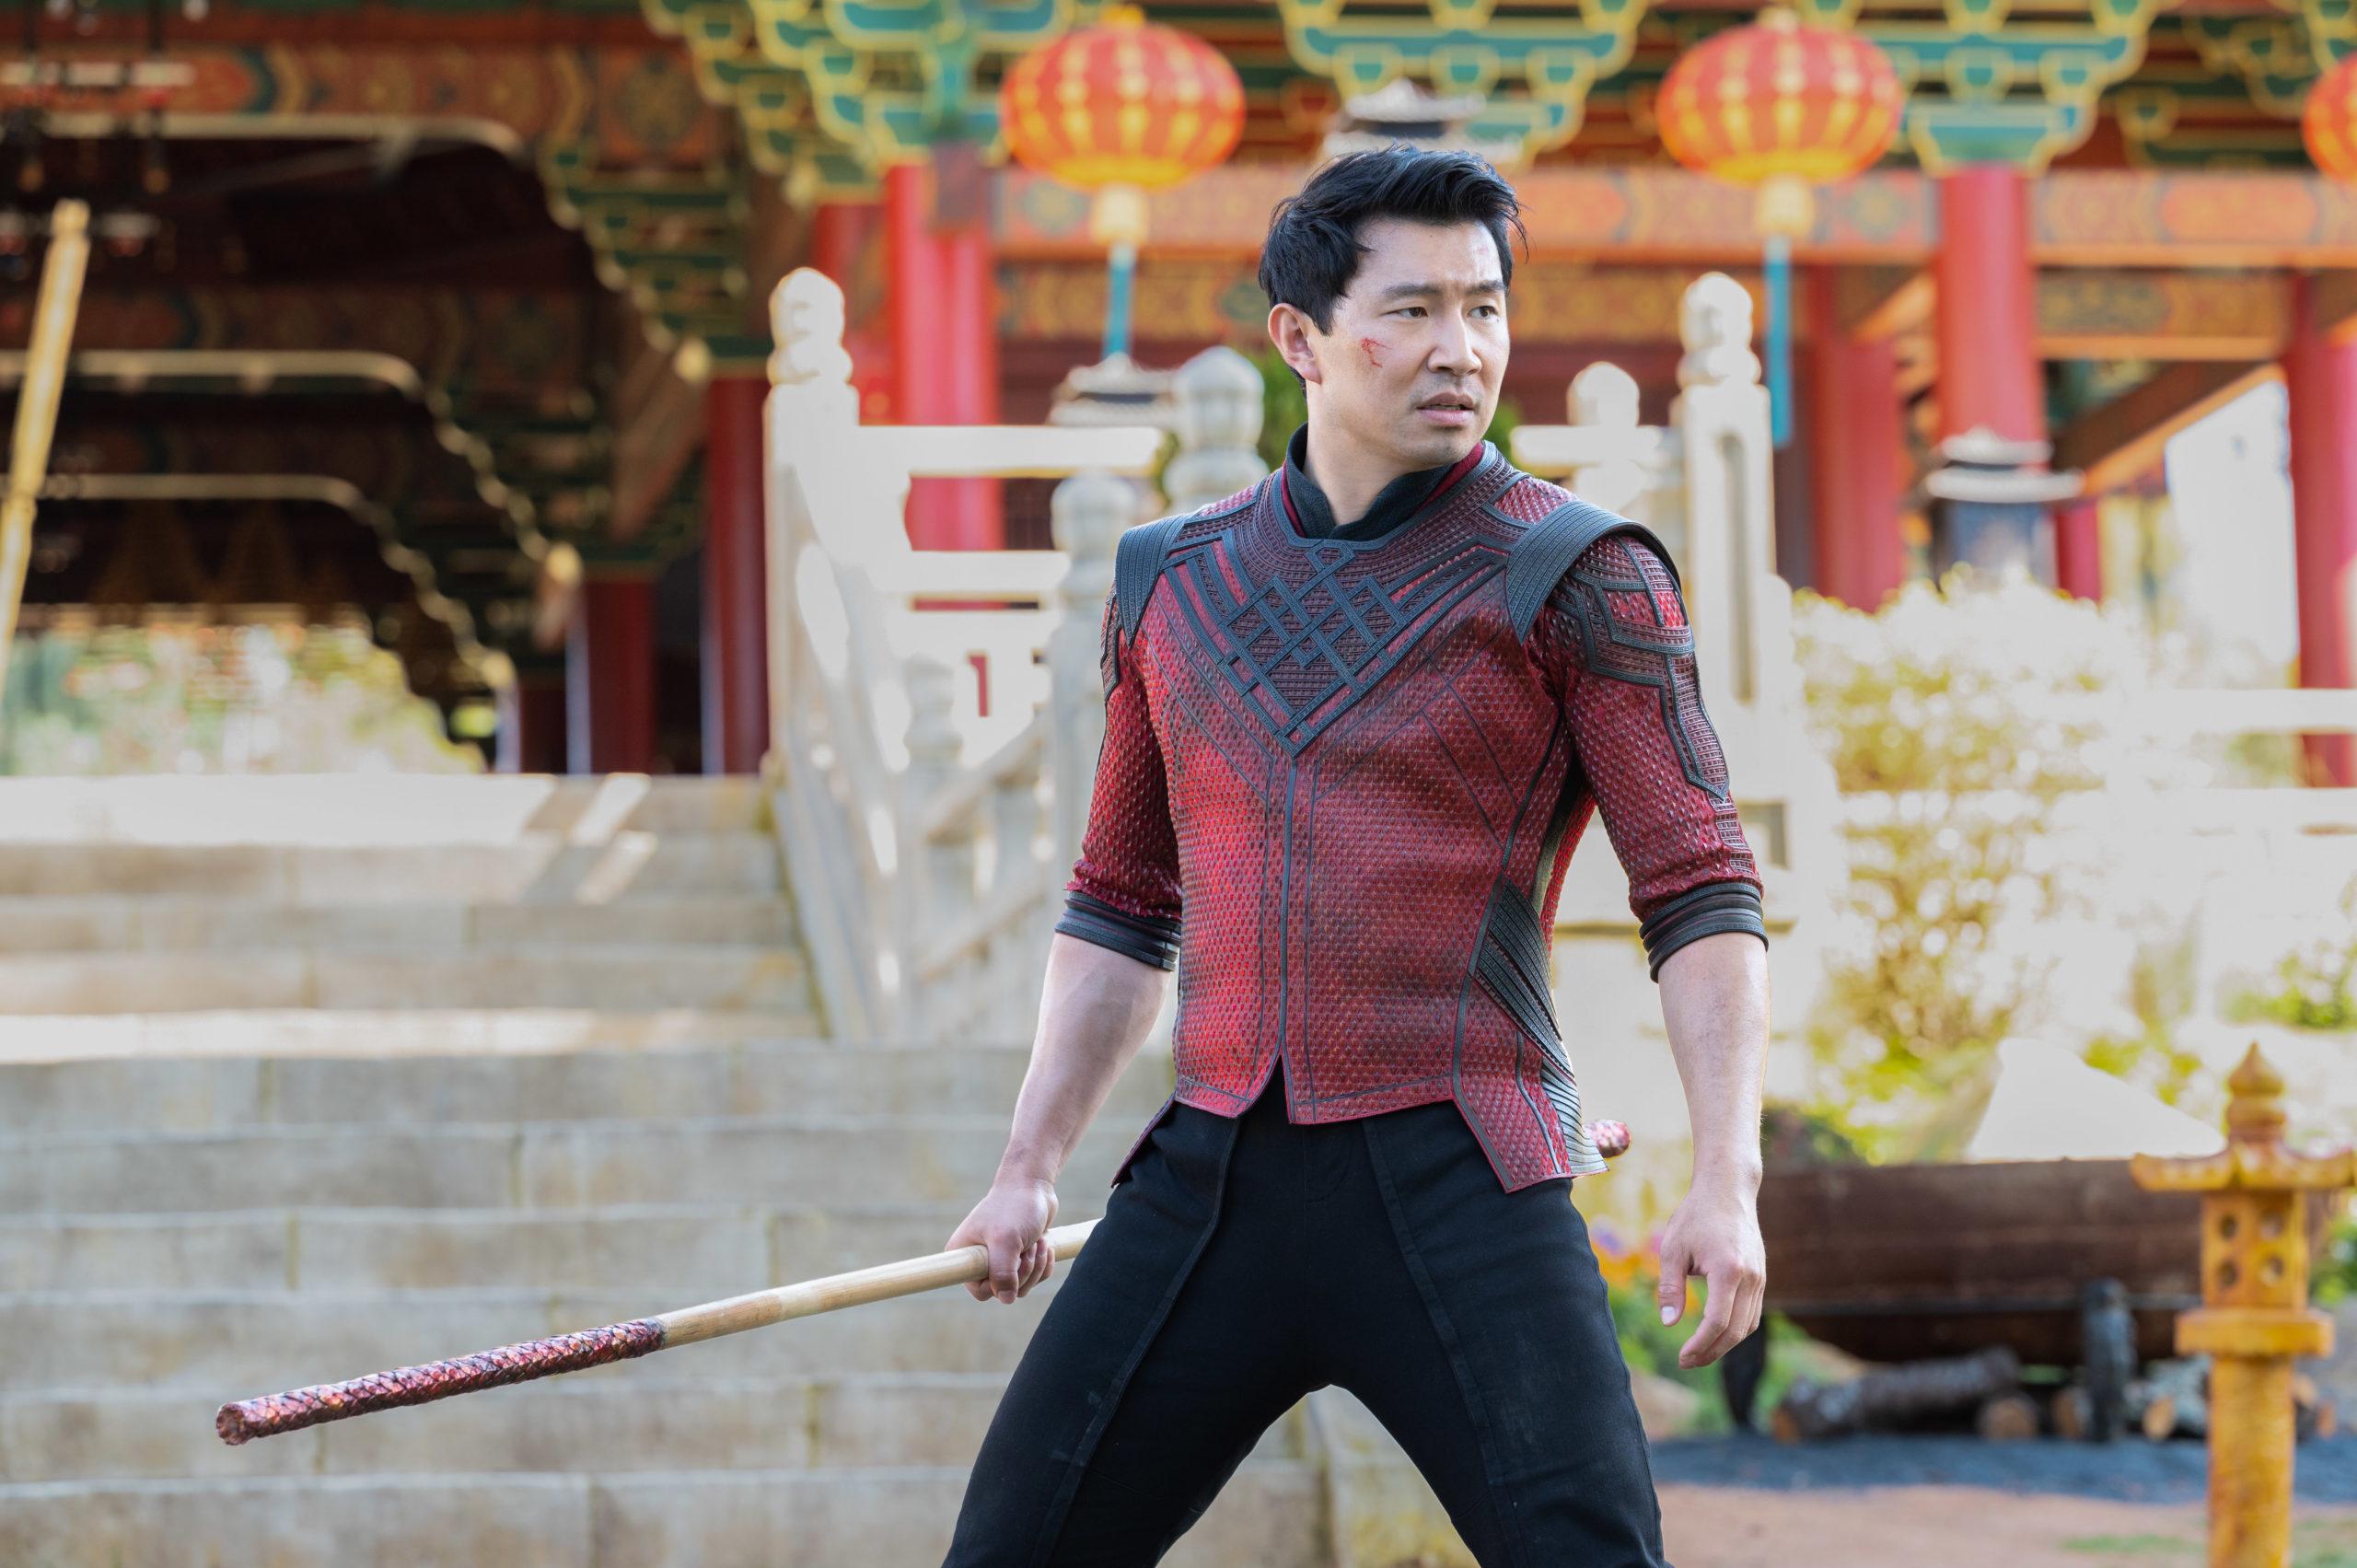 L'acteur canadien Simu Liu a effectué la majorité de ses cascades pour le film